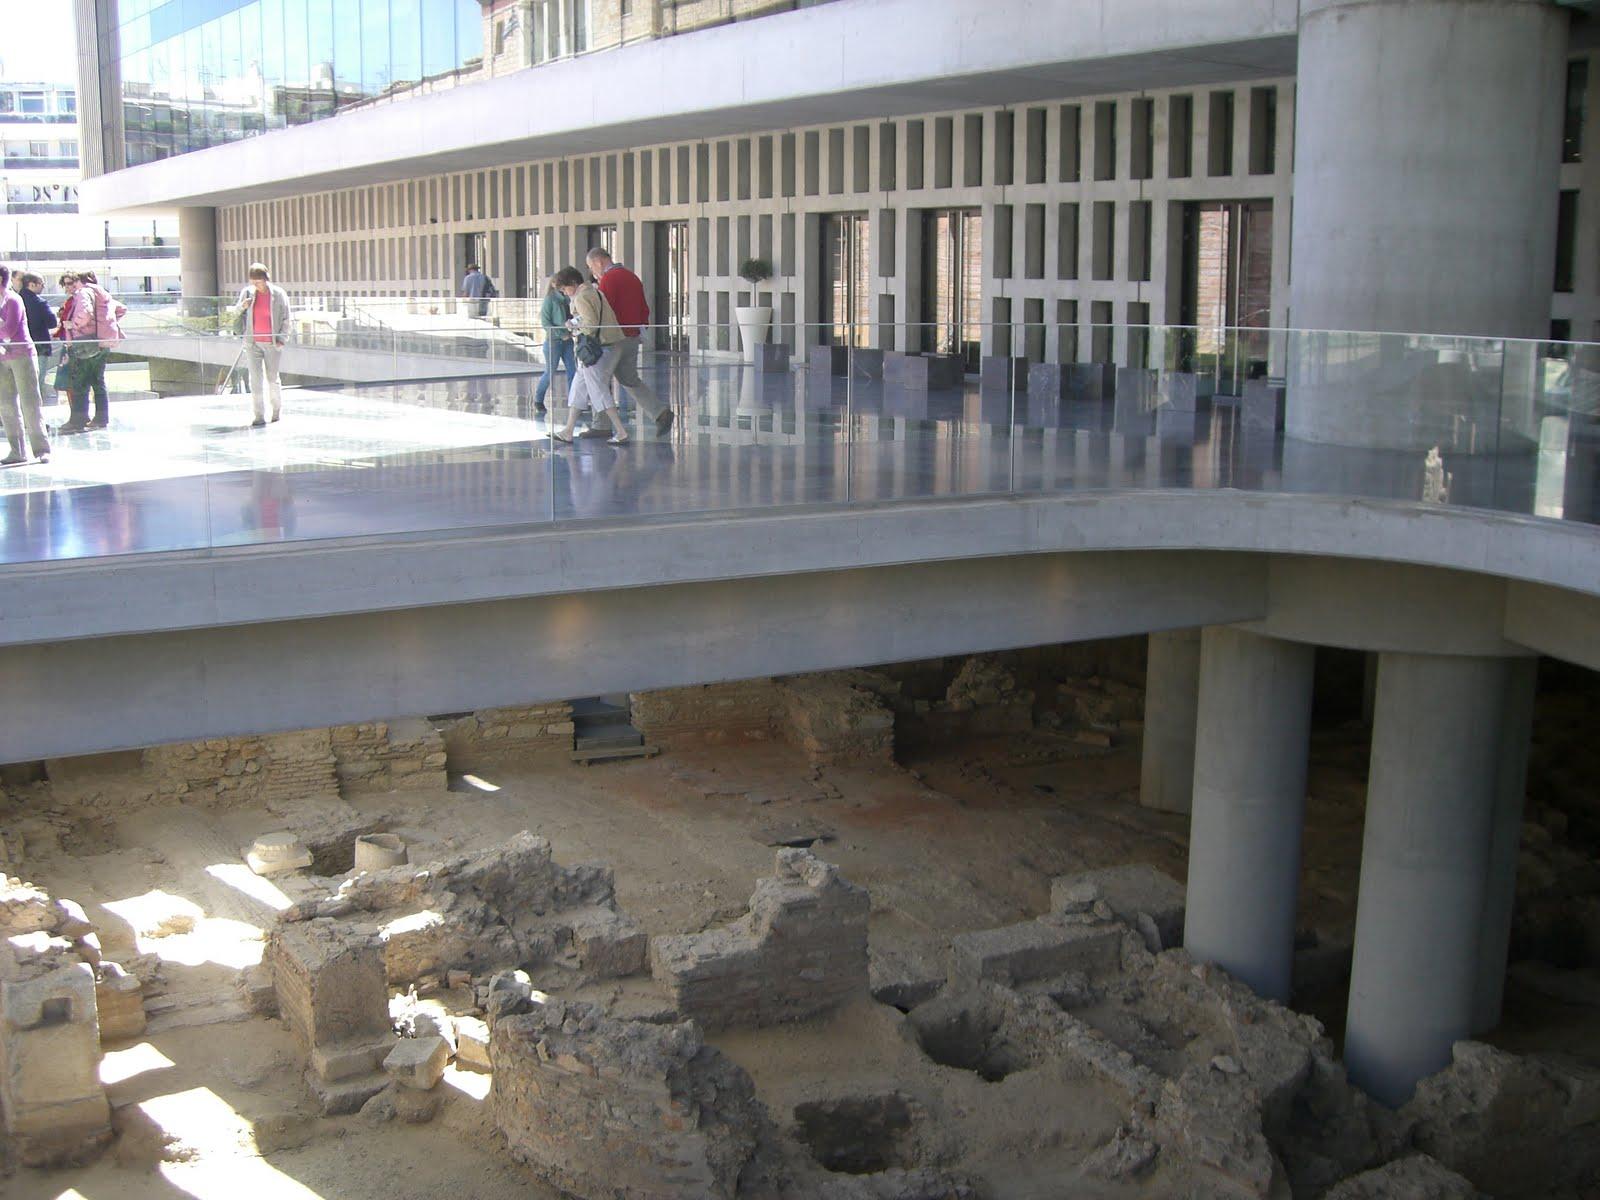 Αποτέλεσμα εικόνας για μουσείο της ακρόπολης